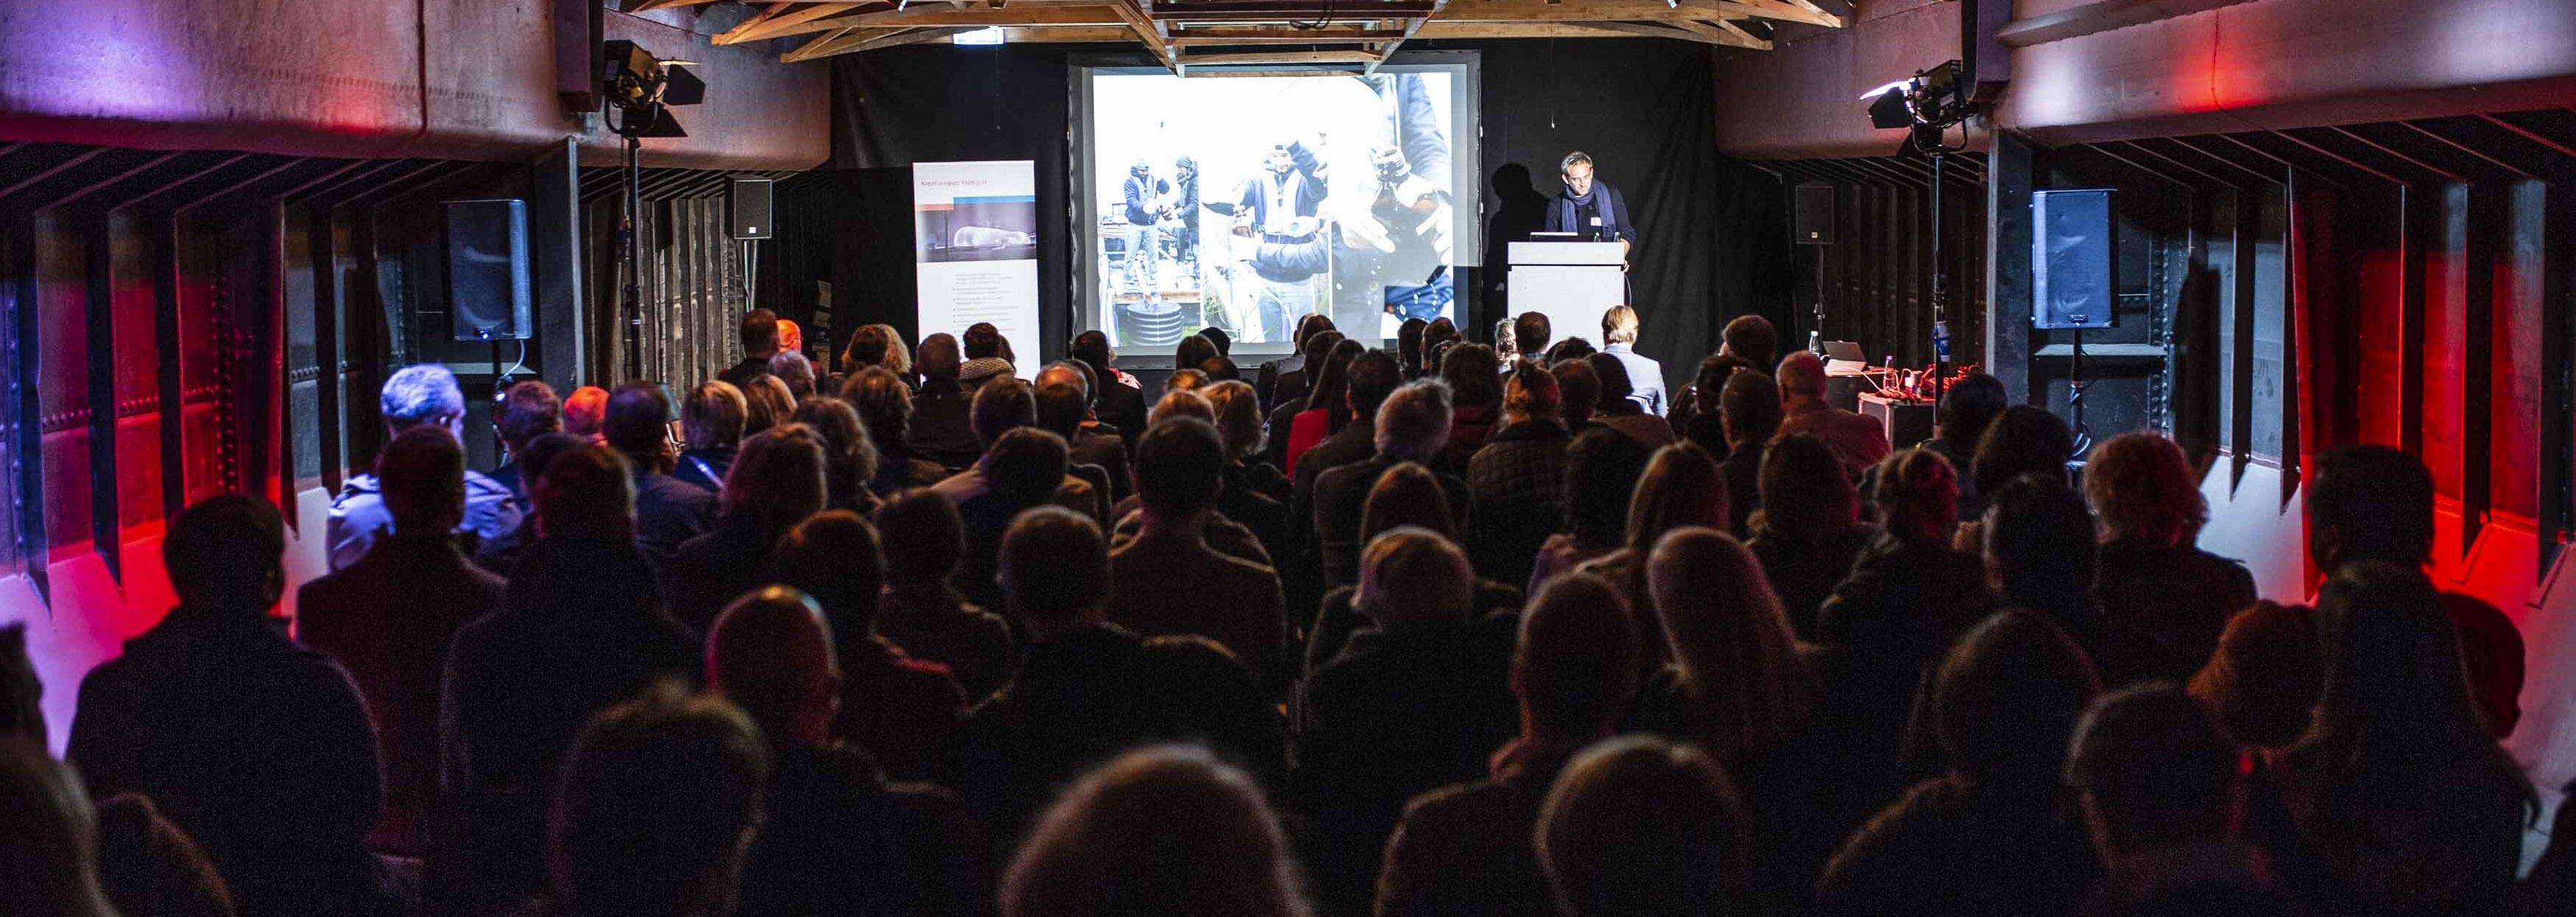 Medien-Meeting 2018, Foto: Gordon Koelmel